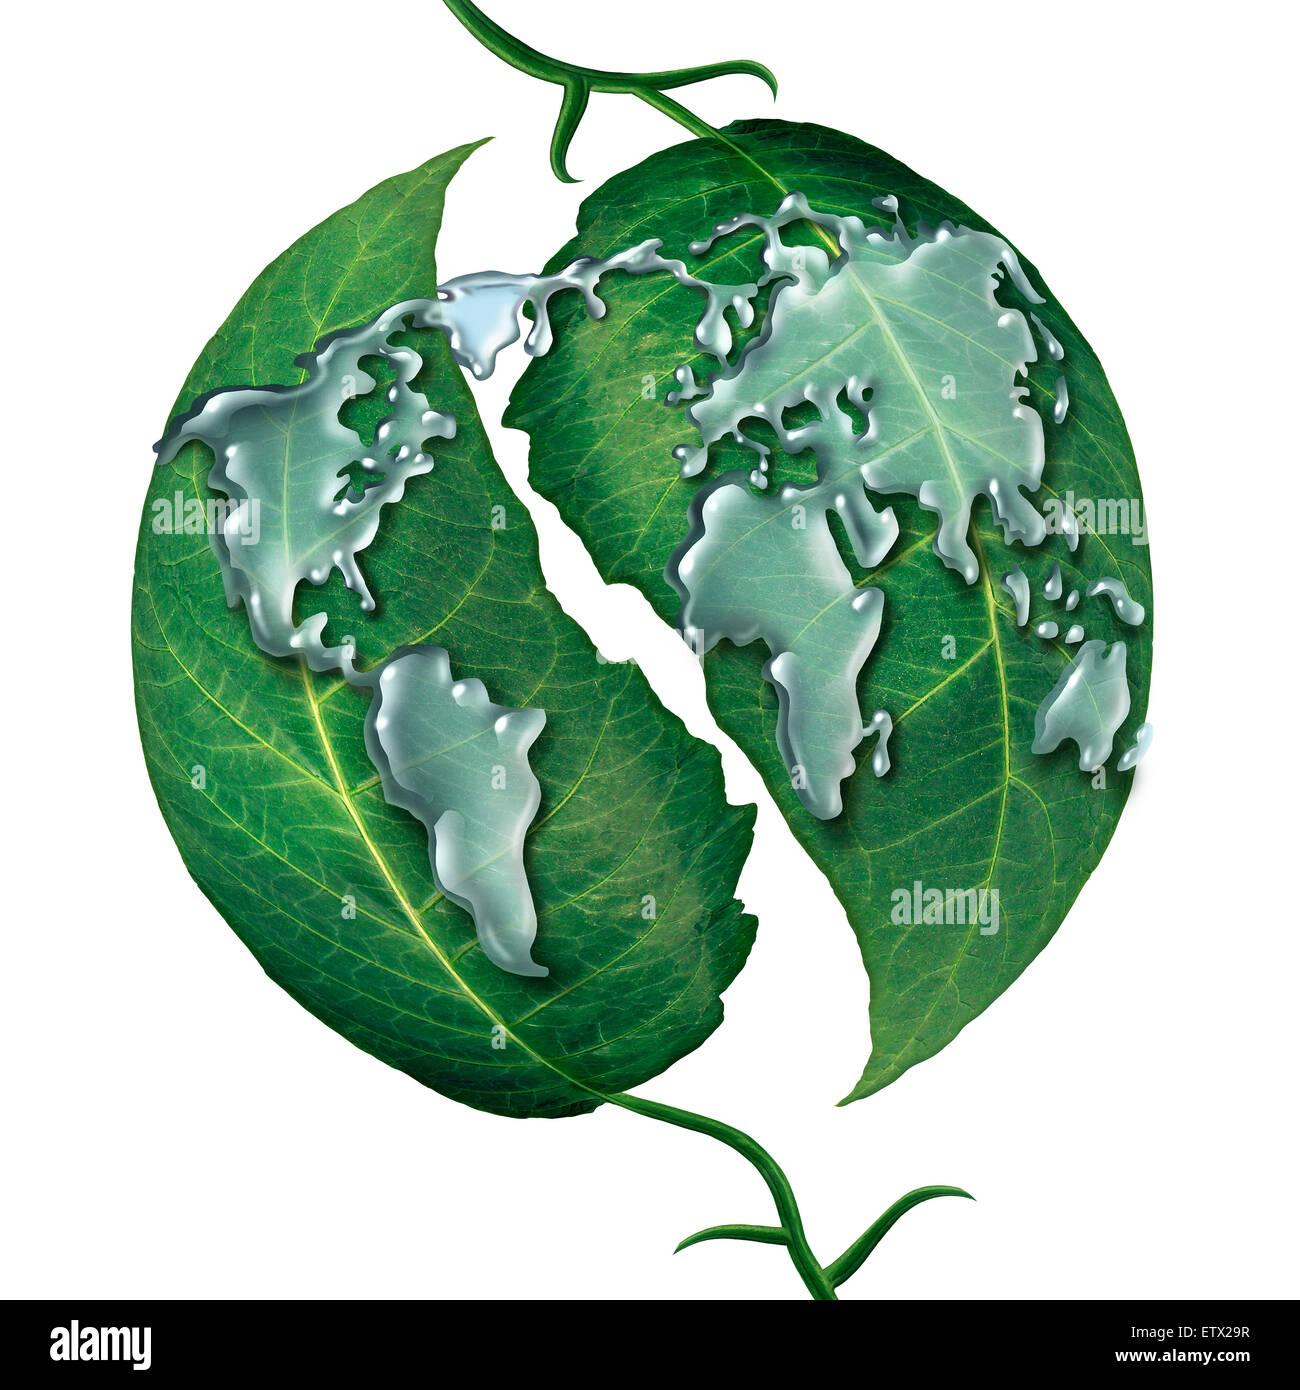 Welt Blatt Wasser Tropfen Konzept als eine Gruppe von flüssigen Regentropfen geformt, wie die Karte von der Earrth Stockfoto